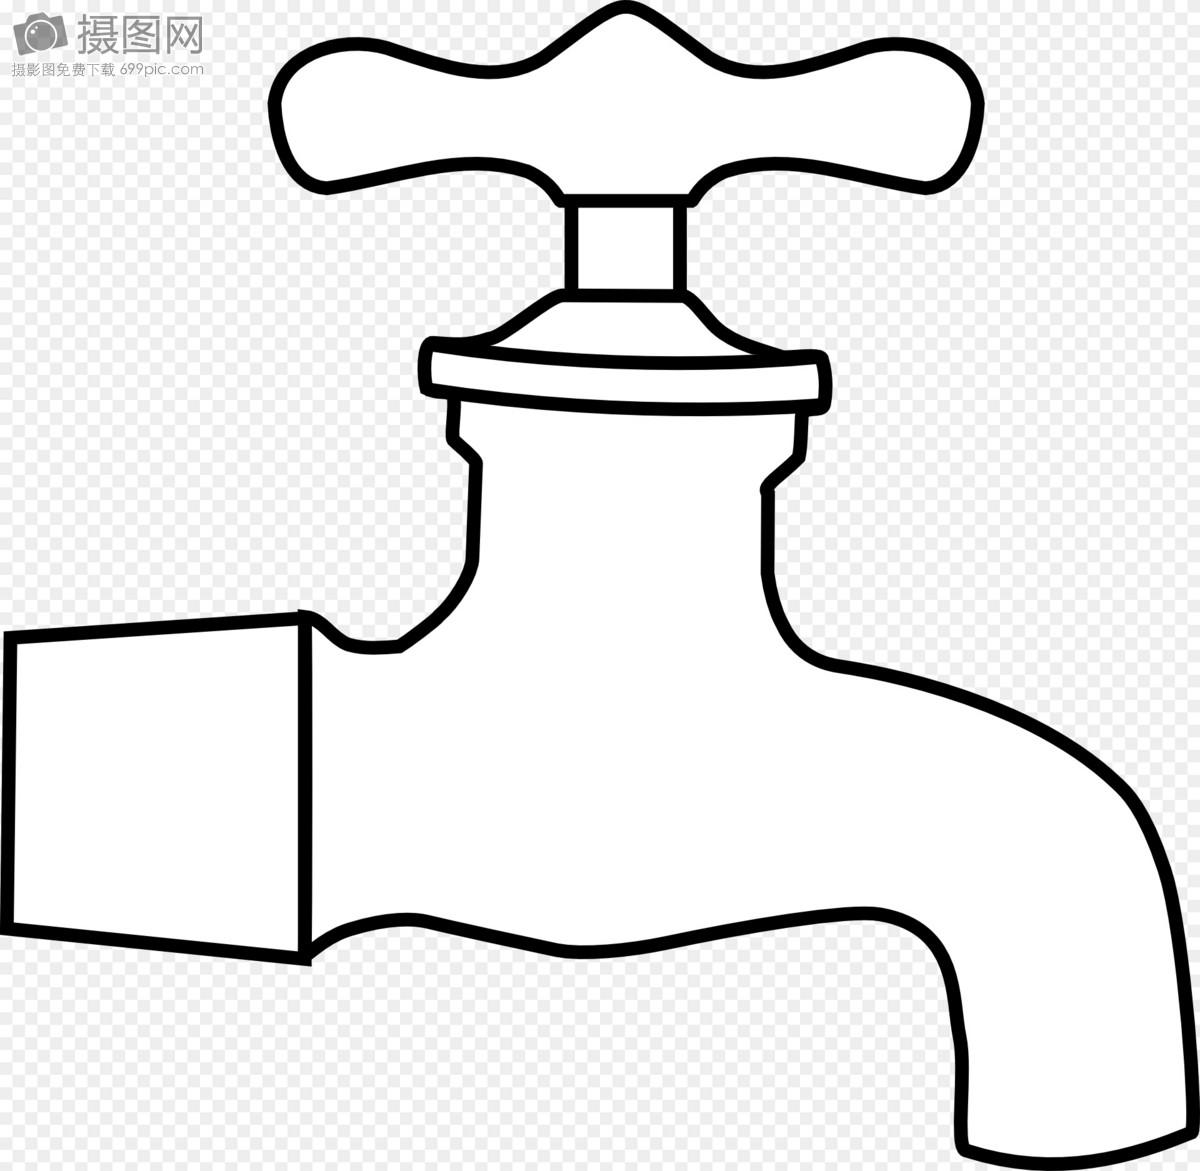 手绘自来水水龙头矢量图